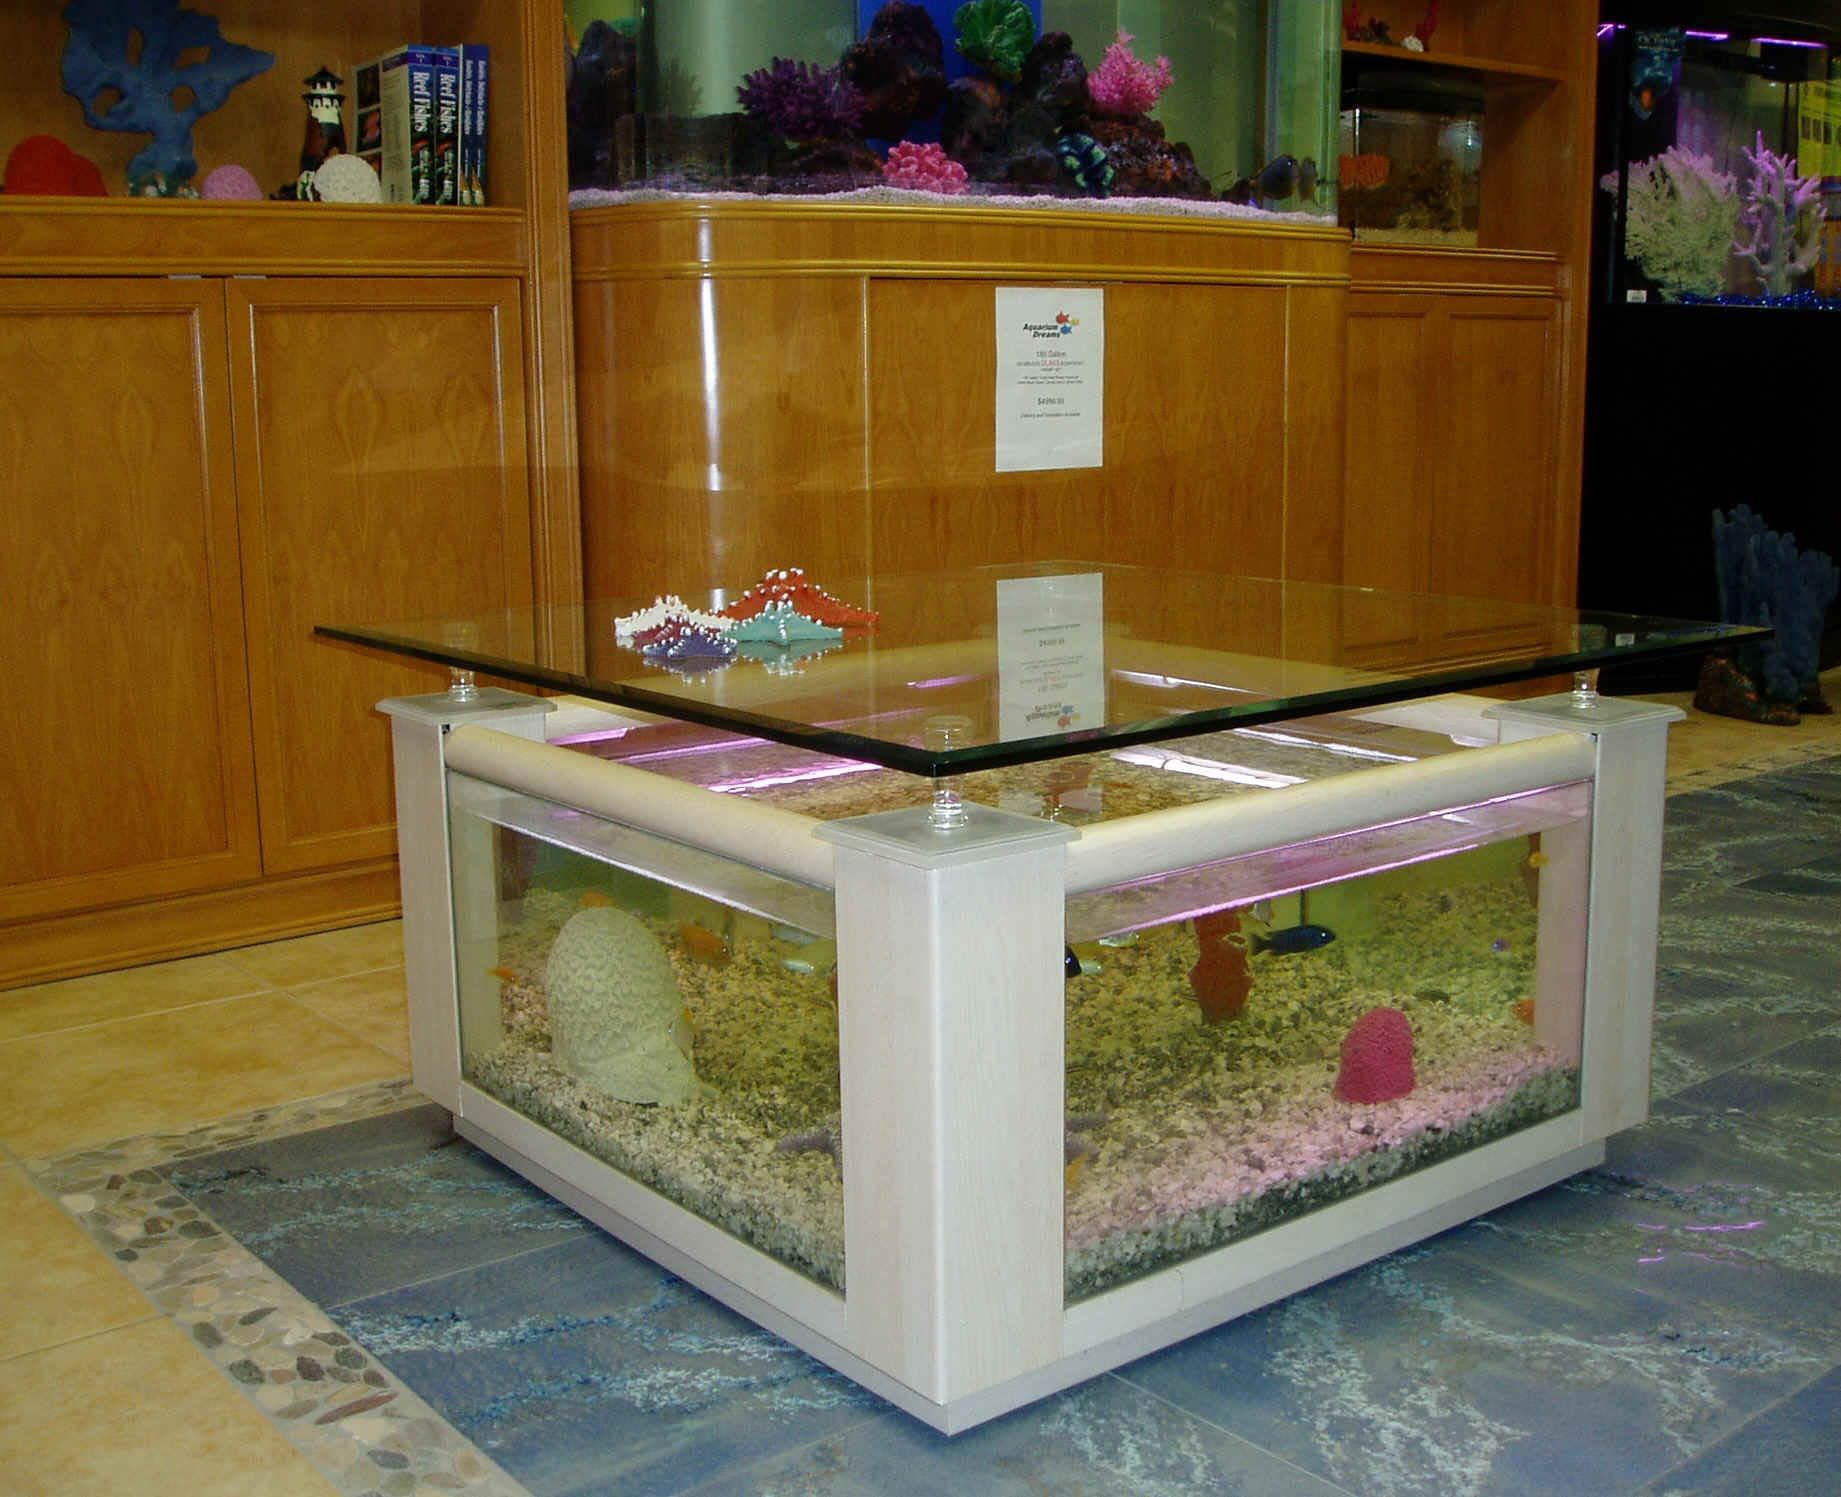 Coffee table fish aquariums aquarium ideas pinterest fish coffee table fish aquariums geotapseo Image collections